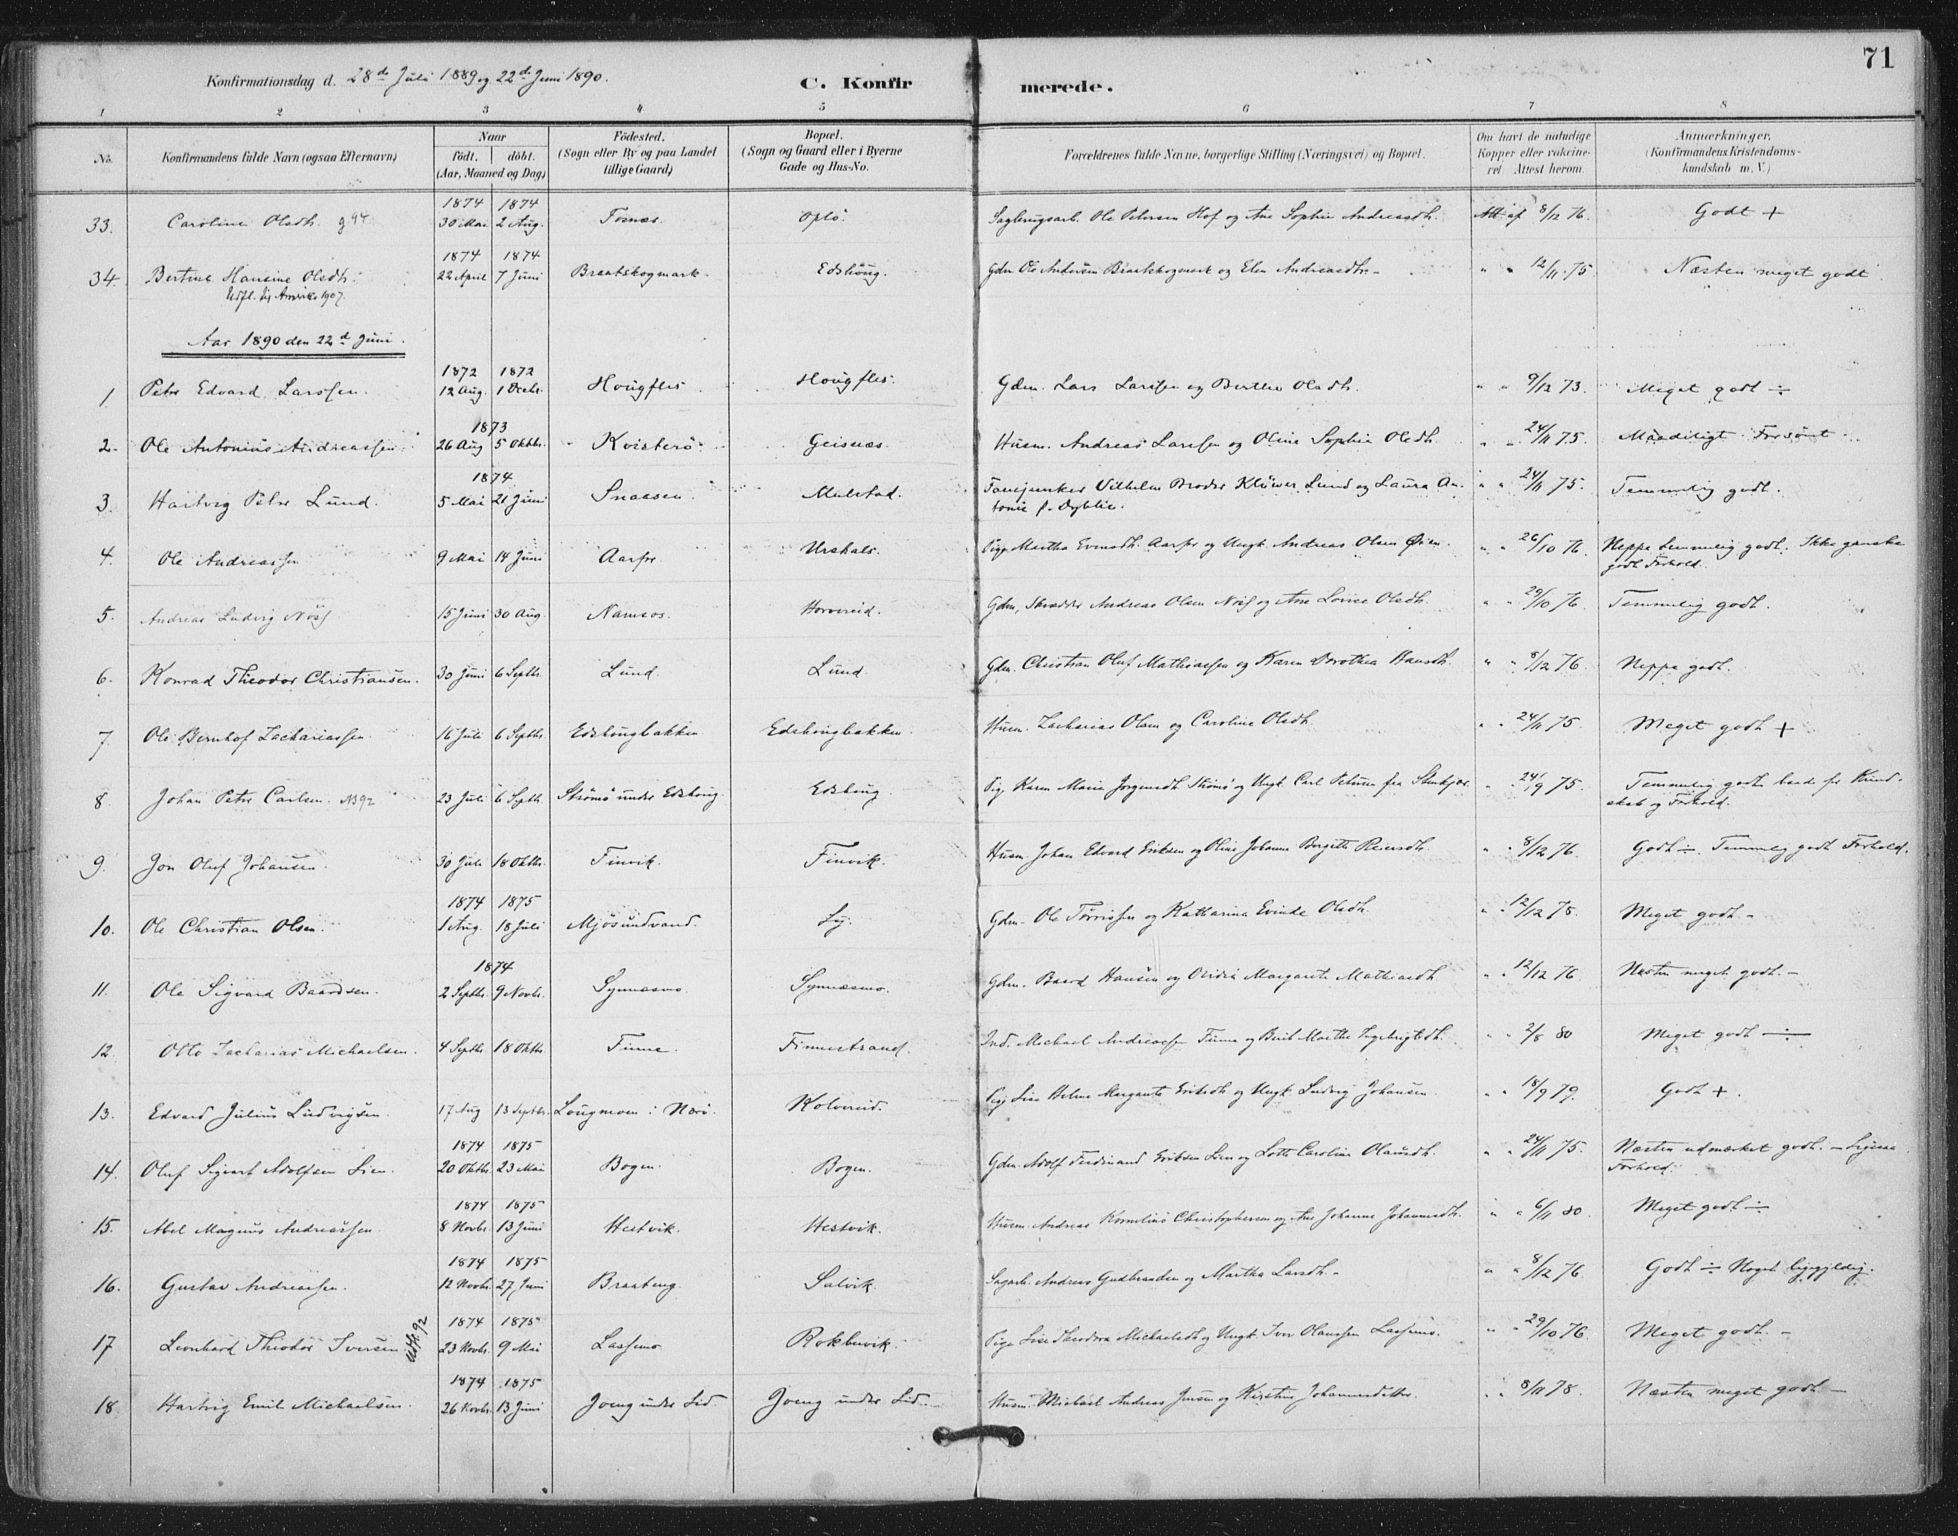 SAT, Ministerialprotokoller, klokkerbøker og fødselsregistre - Nord-Trøndelag, 780/L0644: Ministerialbok nr. 780A08, 1886-1903, s. 71